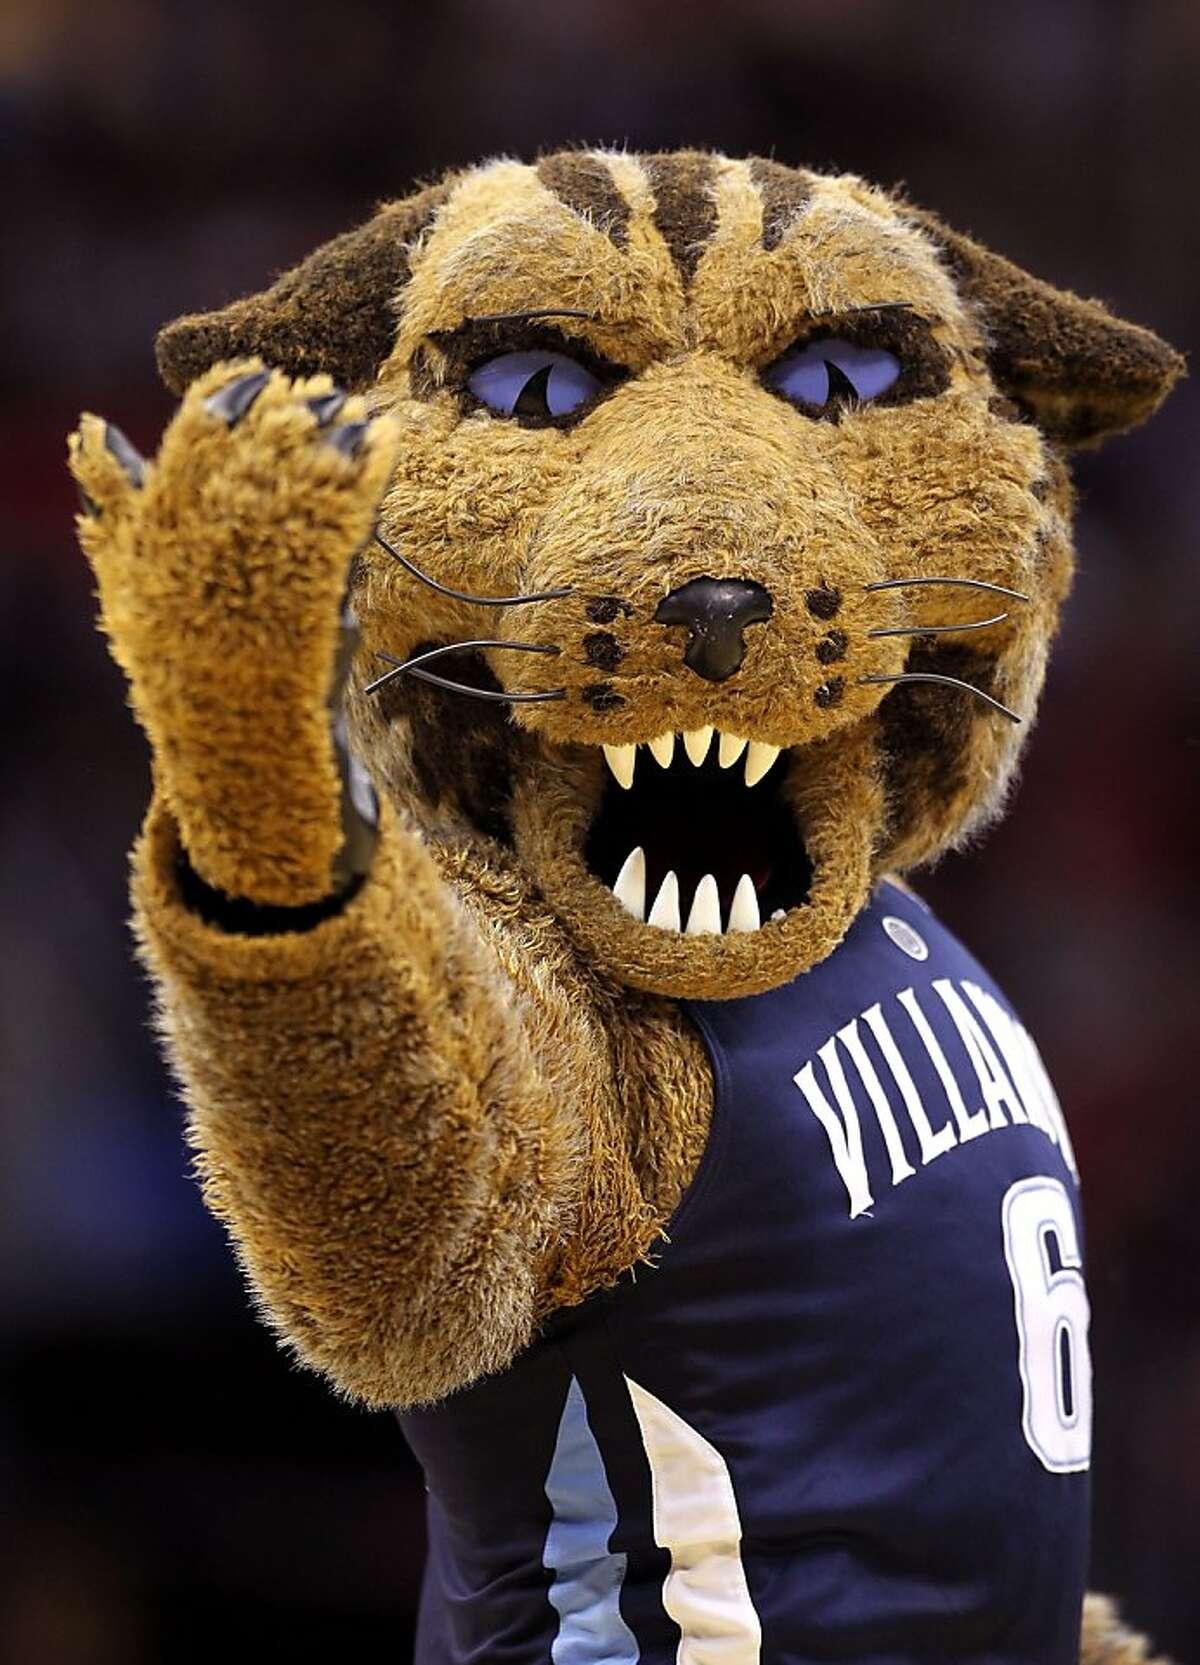 Villanova mascot Will D. Cat beckons you into Hades.